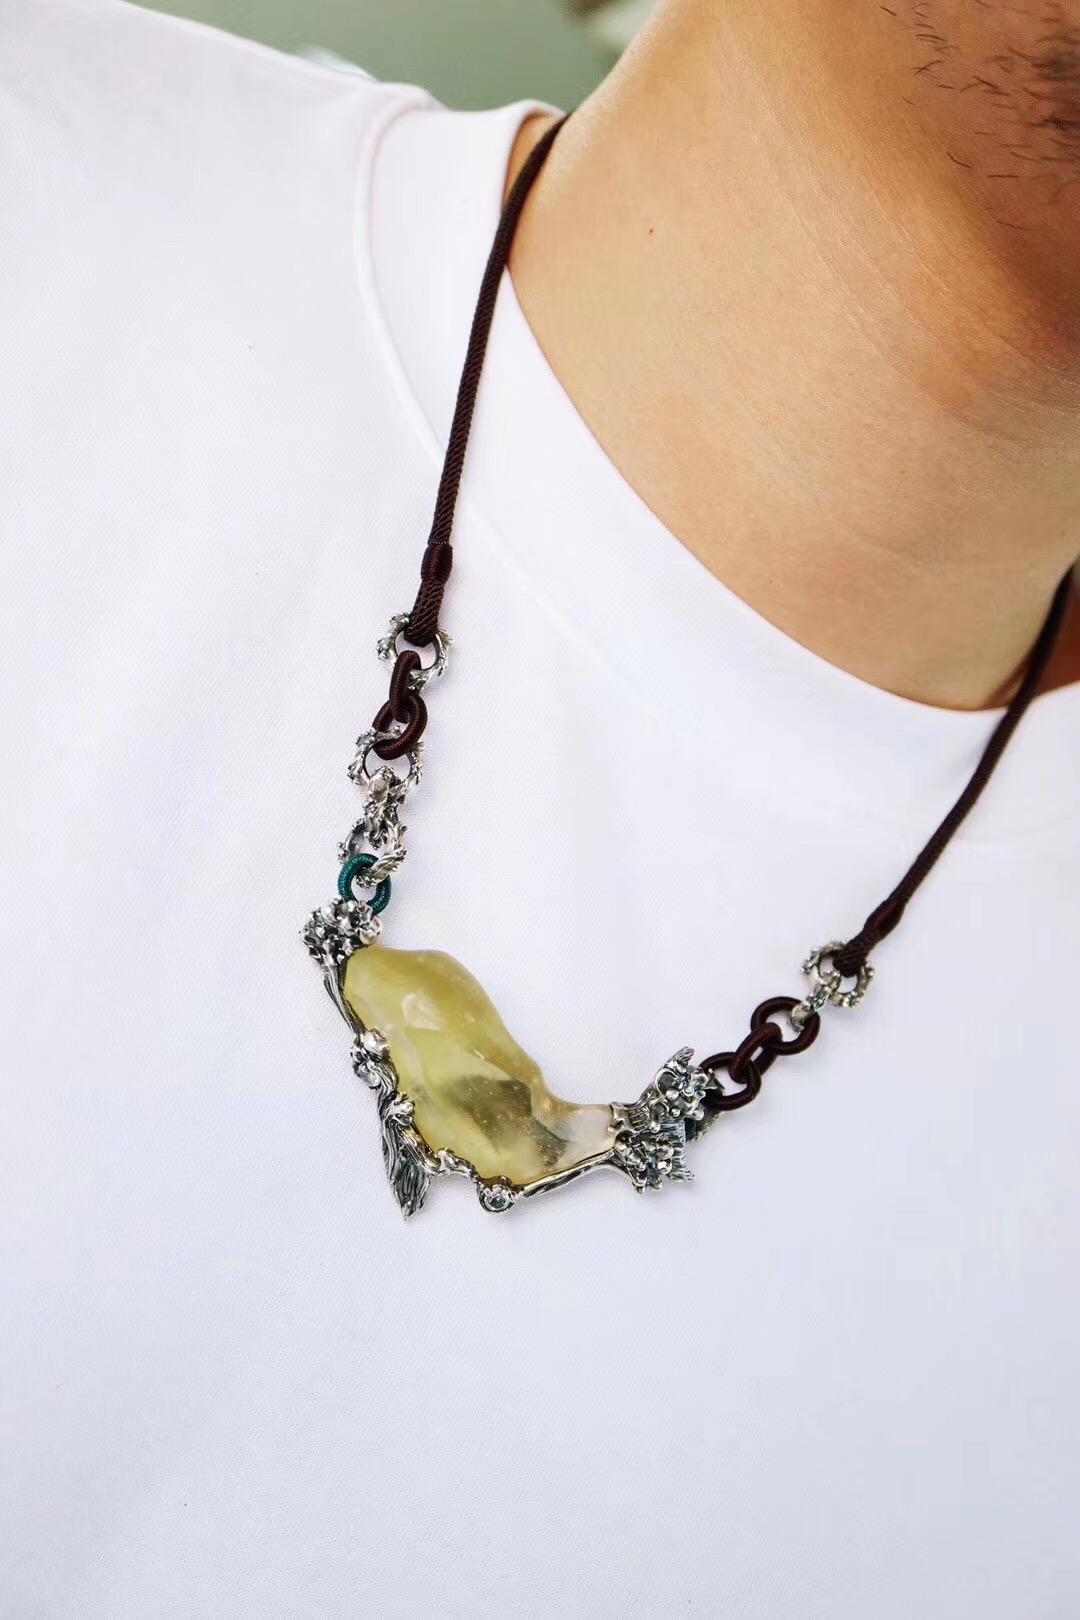 【利比亚黄金陨石】我们都有一个来自源头的心-菩心晶舍